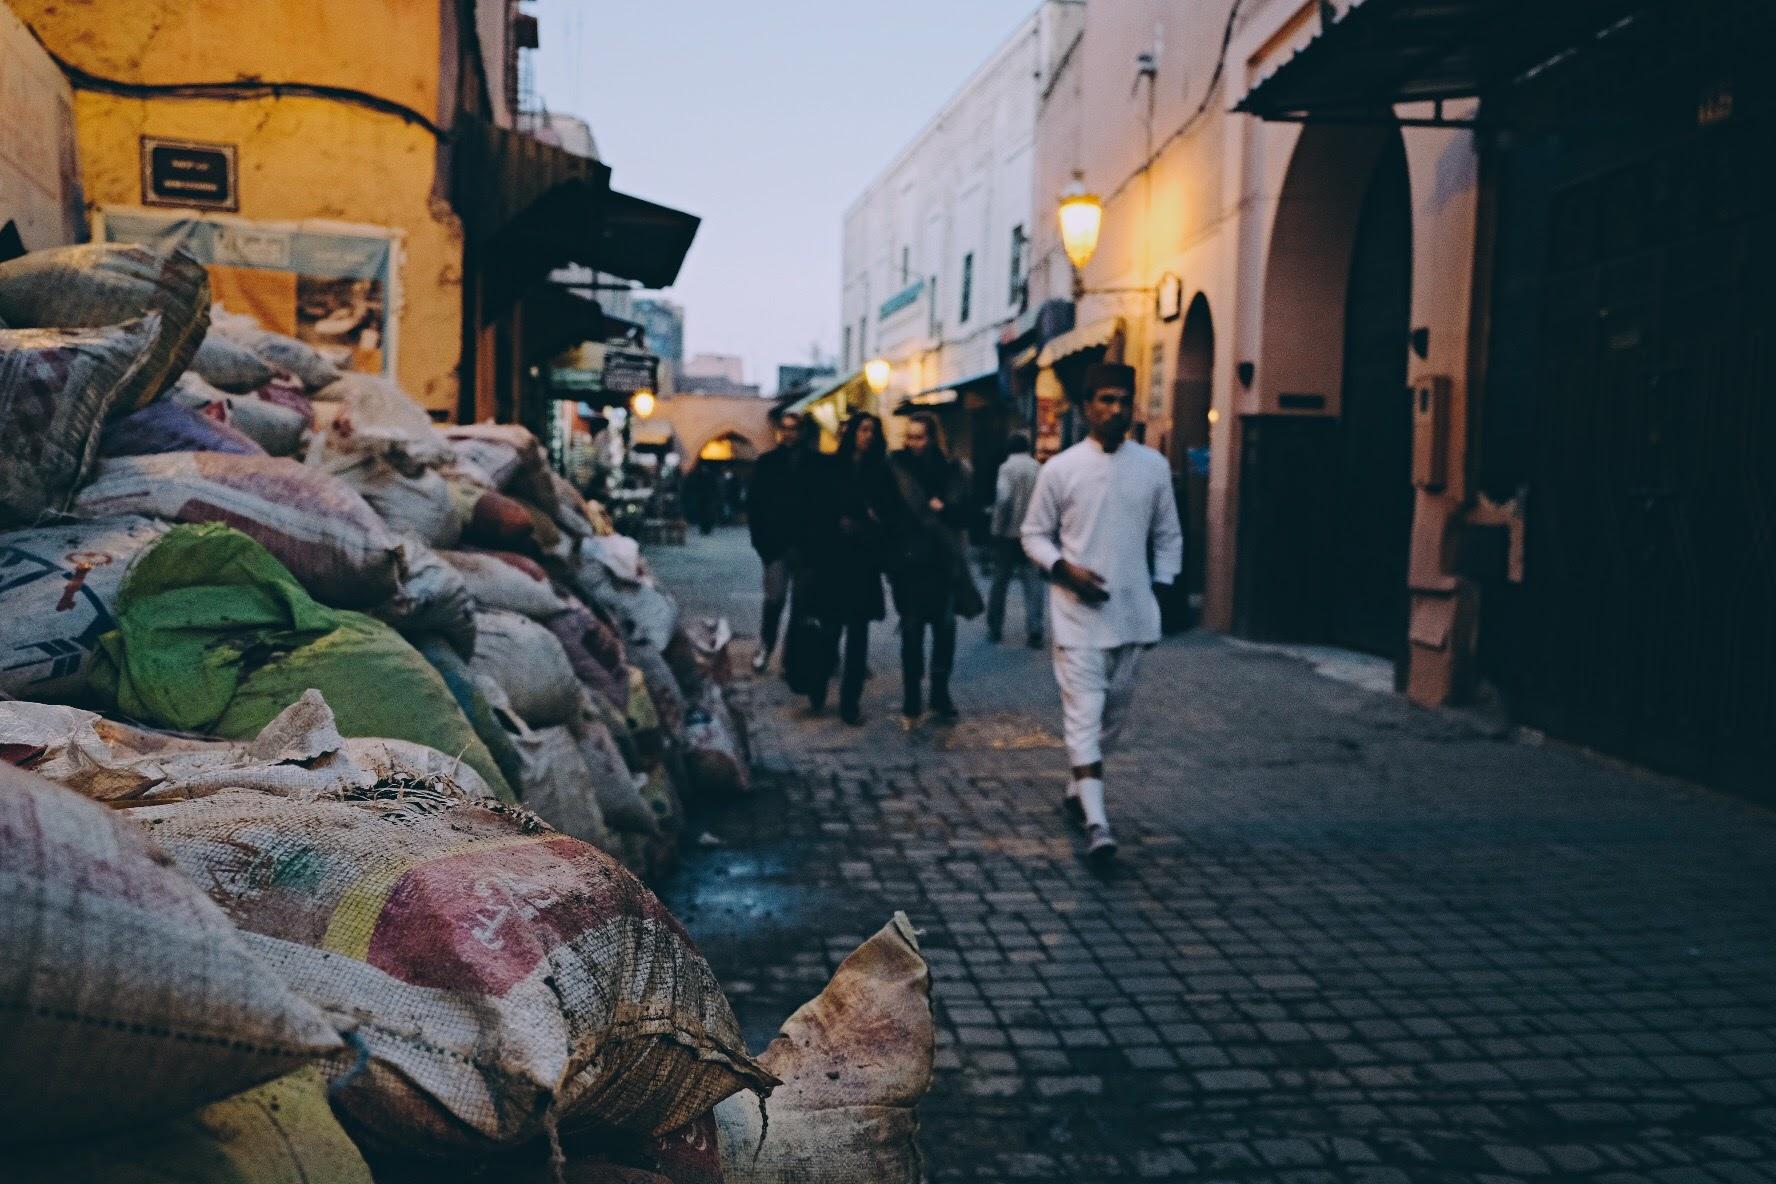 cous cous barricade, marrakech